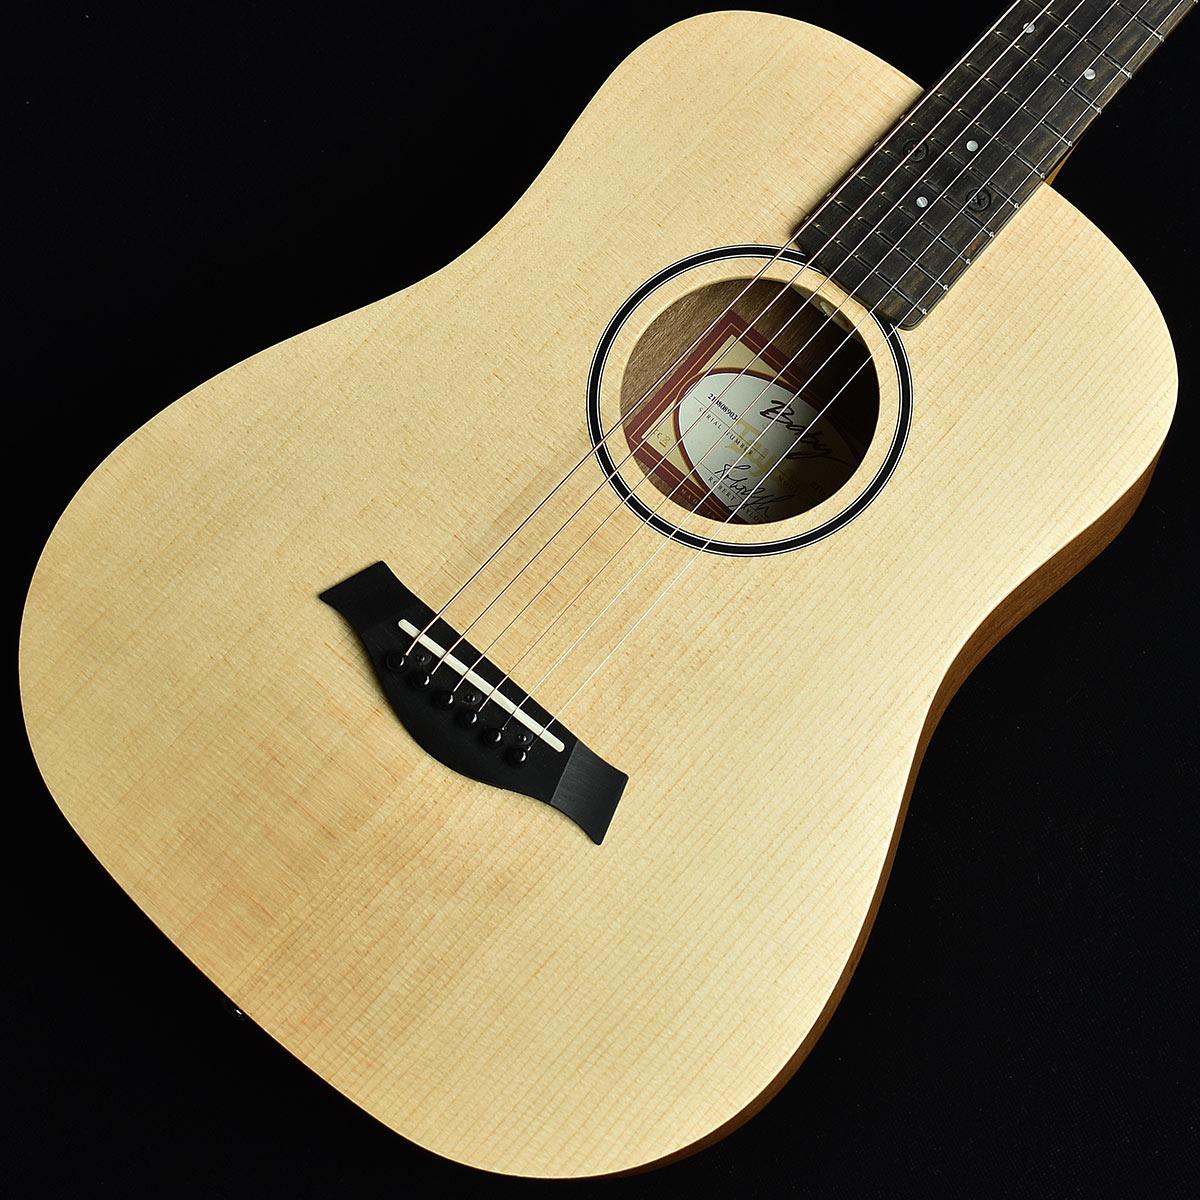 Taylor Baby Taylor-e S/N:2108089034 ミニアコースティックギター【エレアコ】 【テイラー】【未展示品】